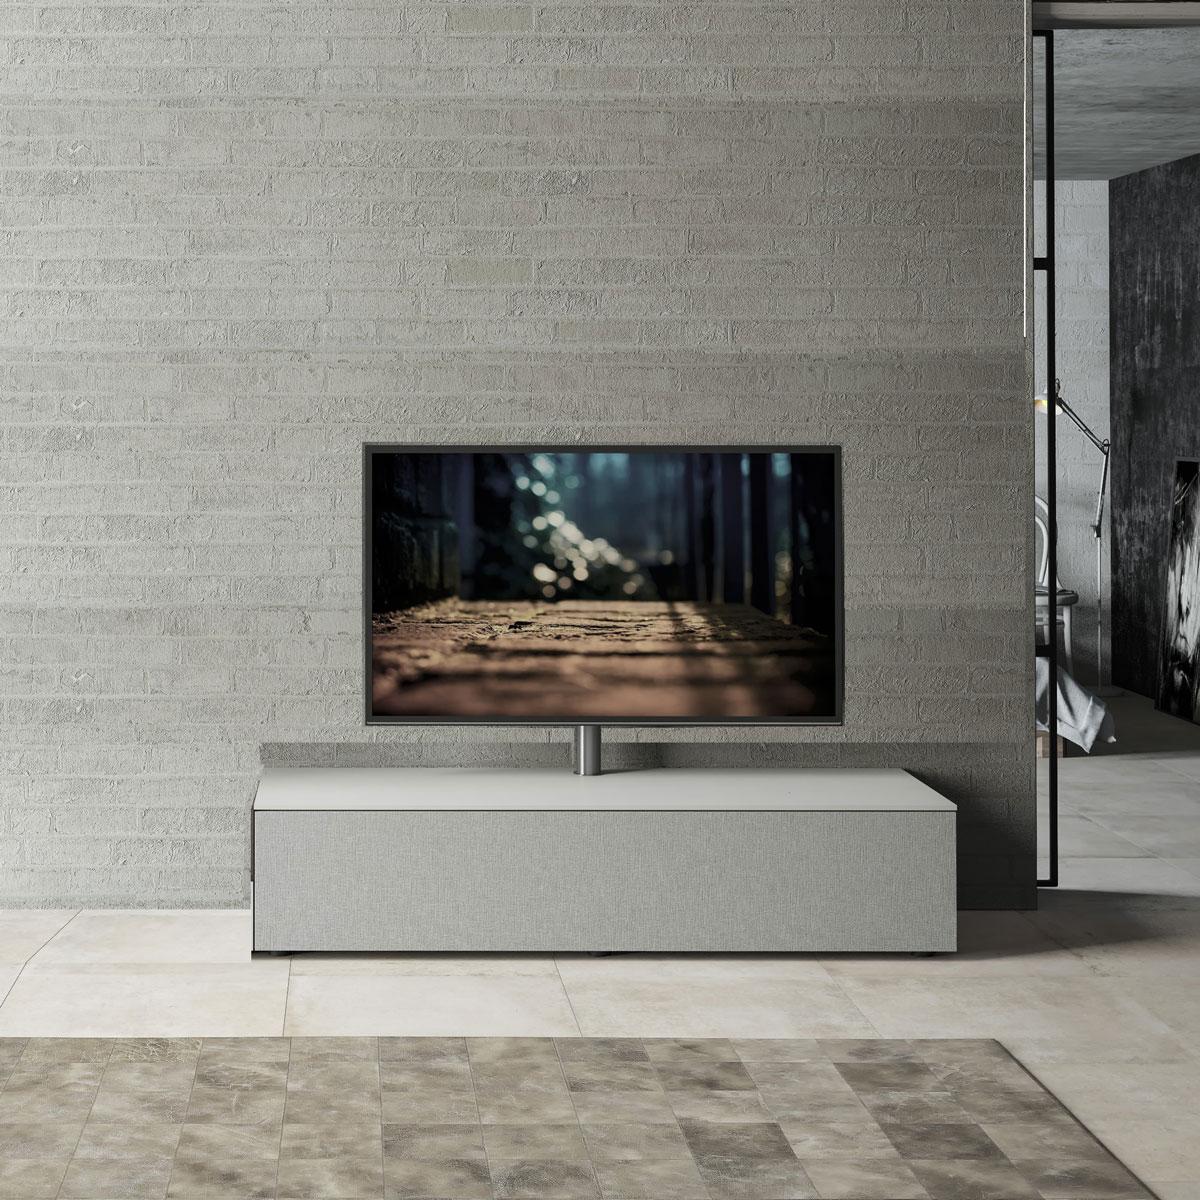 ein modulares tv lowboard verschiedene ausfuhrungen das mobel wird nach ihren bedurfnisse gefertigt spectral next